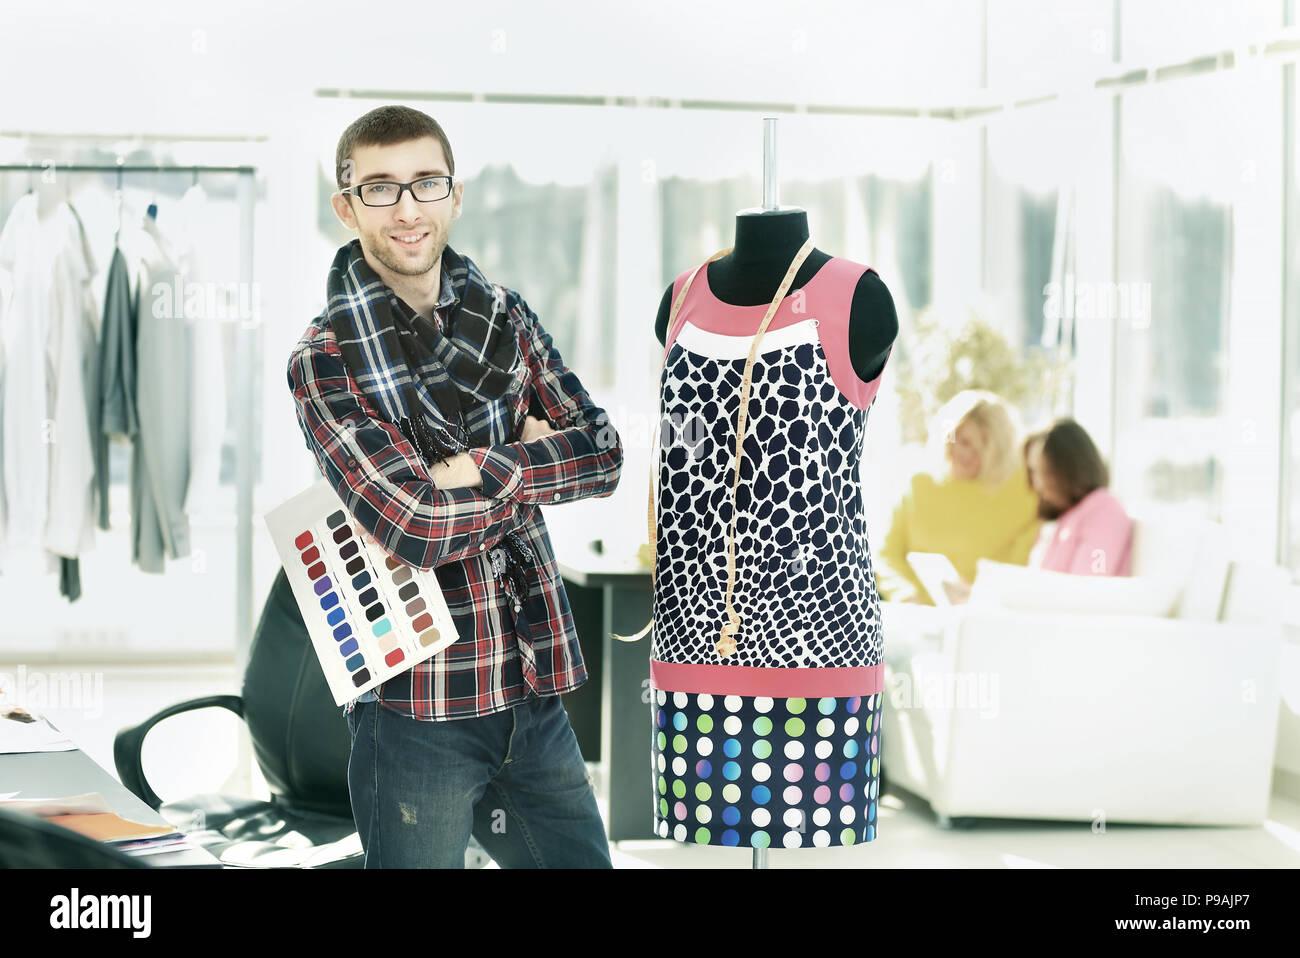 Designer moderne sélectionne les couleurs pour une nouvelle collection de vêtements Photo Stock